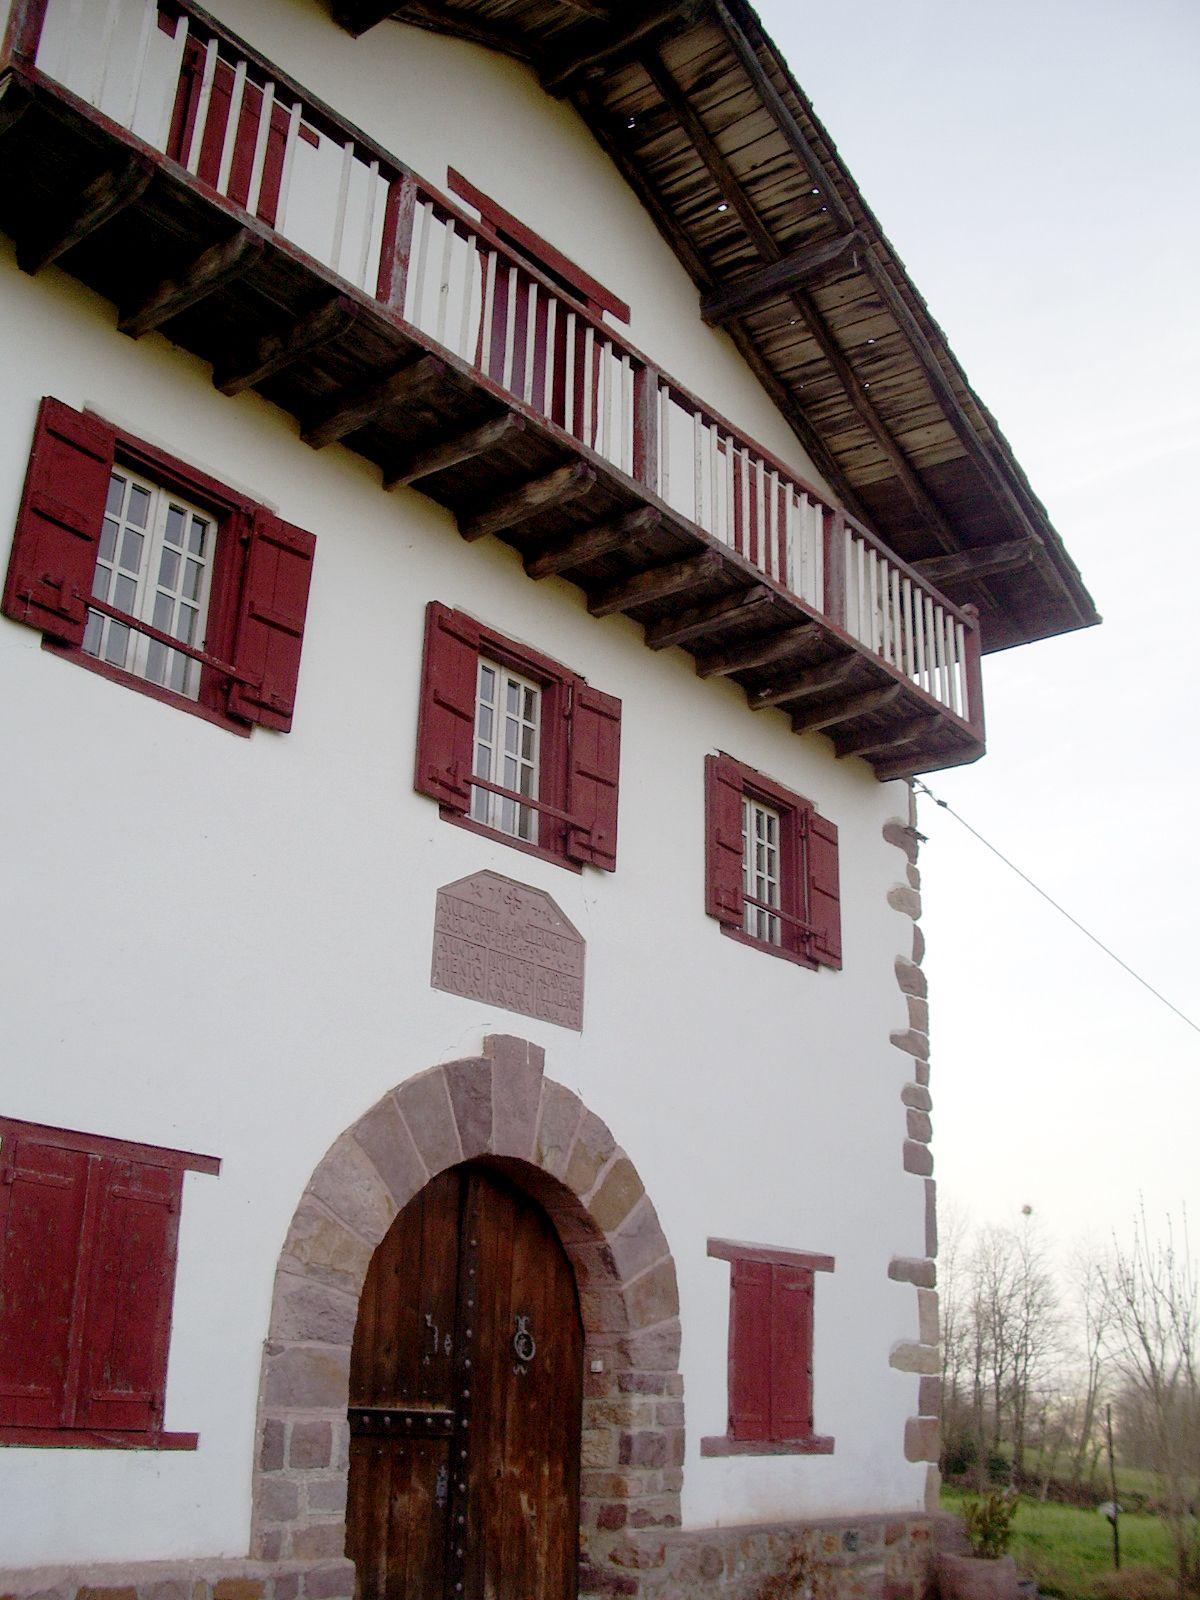 Maison Ascarat jolie maison en pays basque pour six personnes